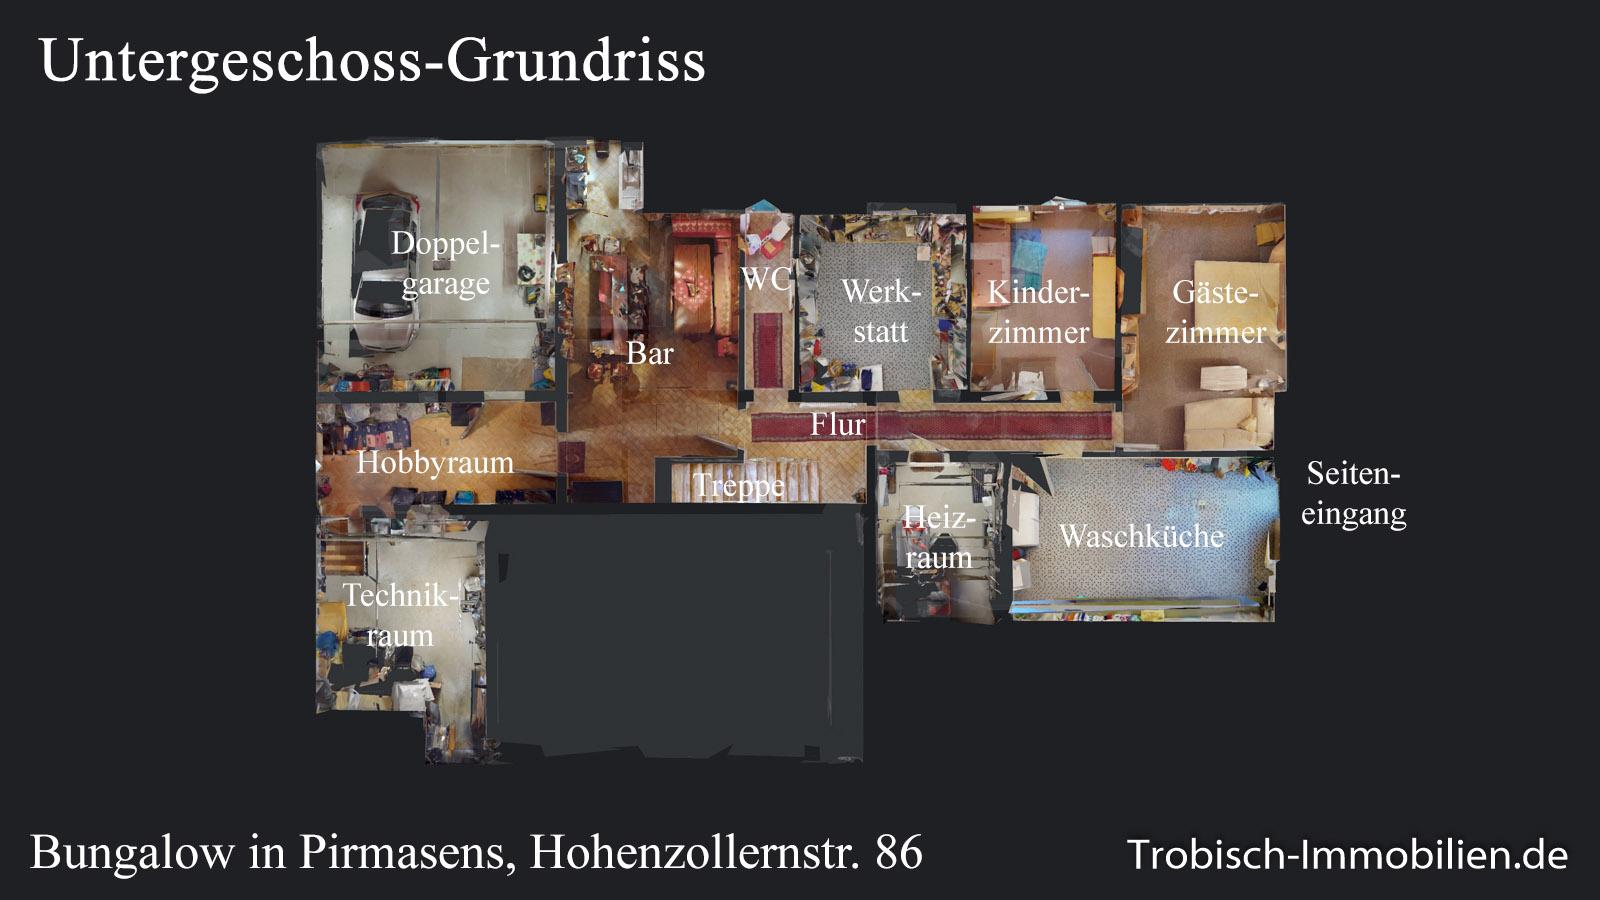 Grundriss-UG